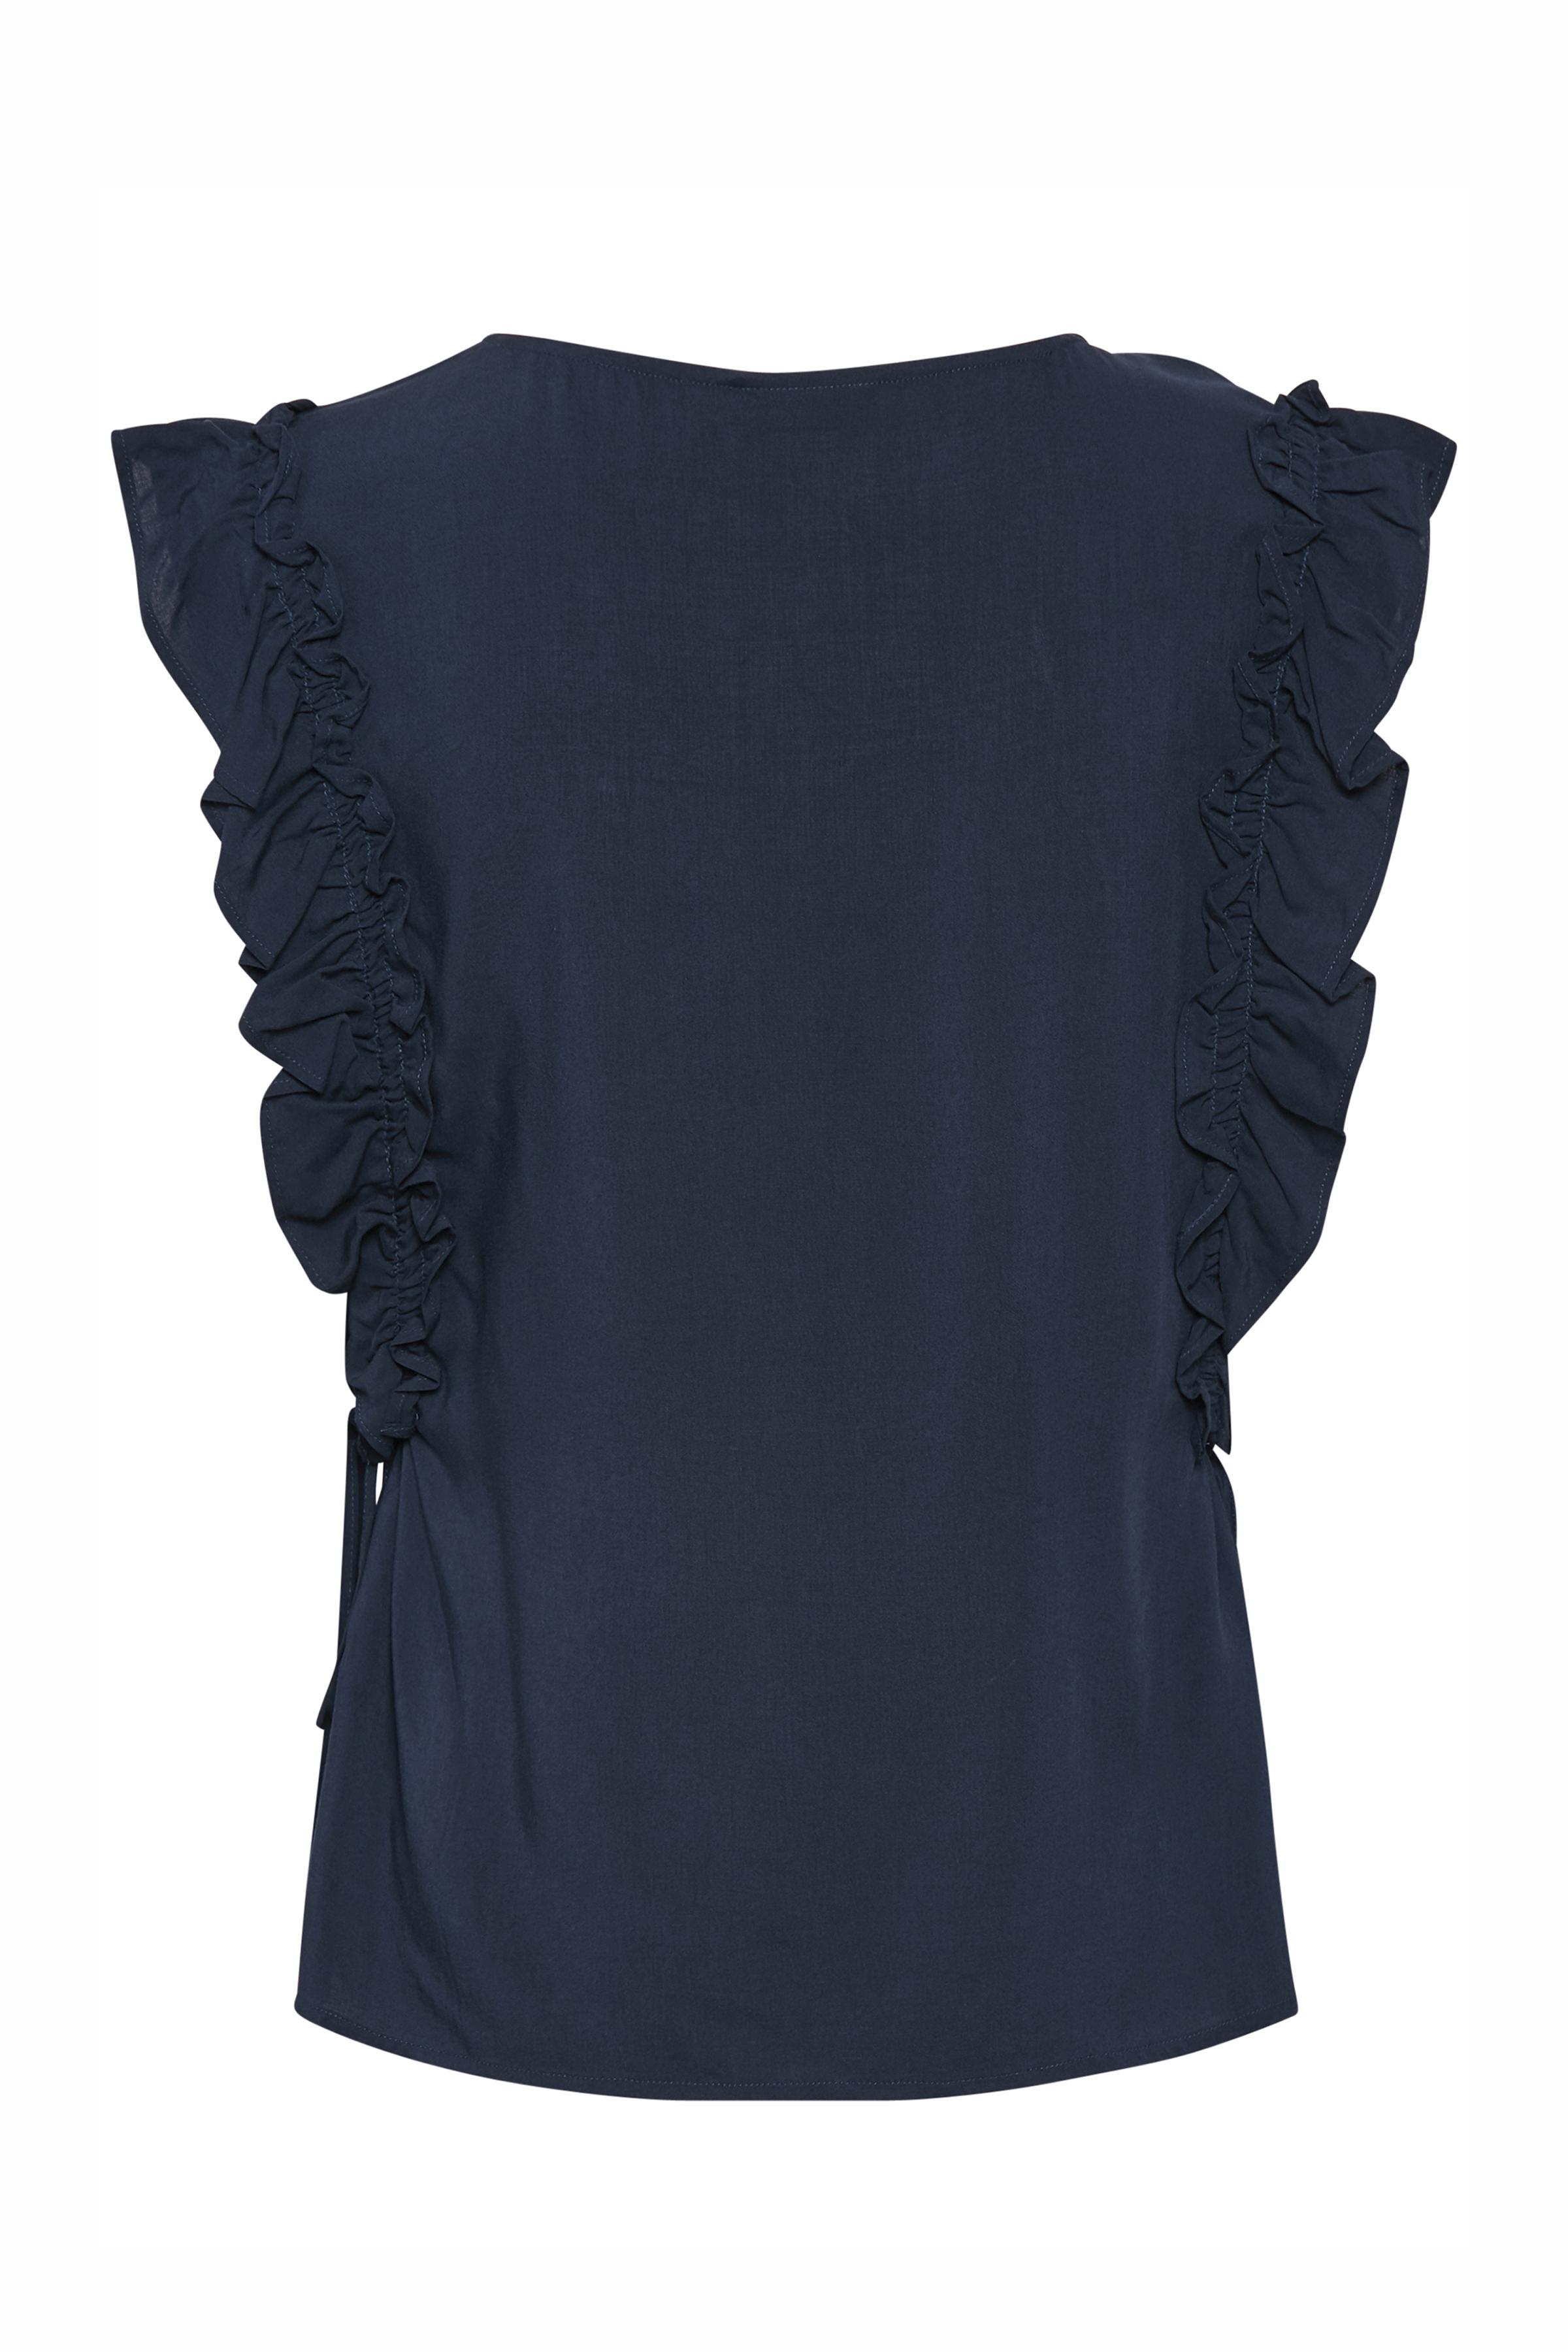 Marineblauw Korte mouwen shirt  van Fransa – Door Marineblauw Korte mouwen shirt  van maat. XS-XXL hier